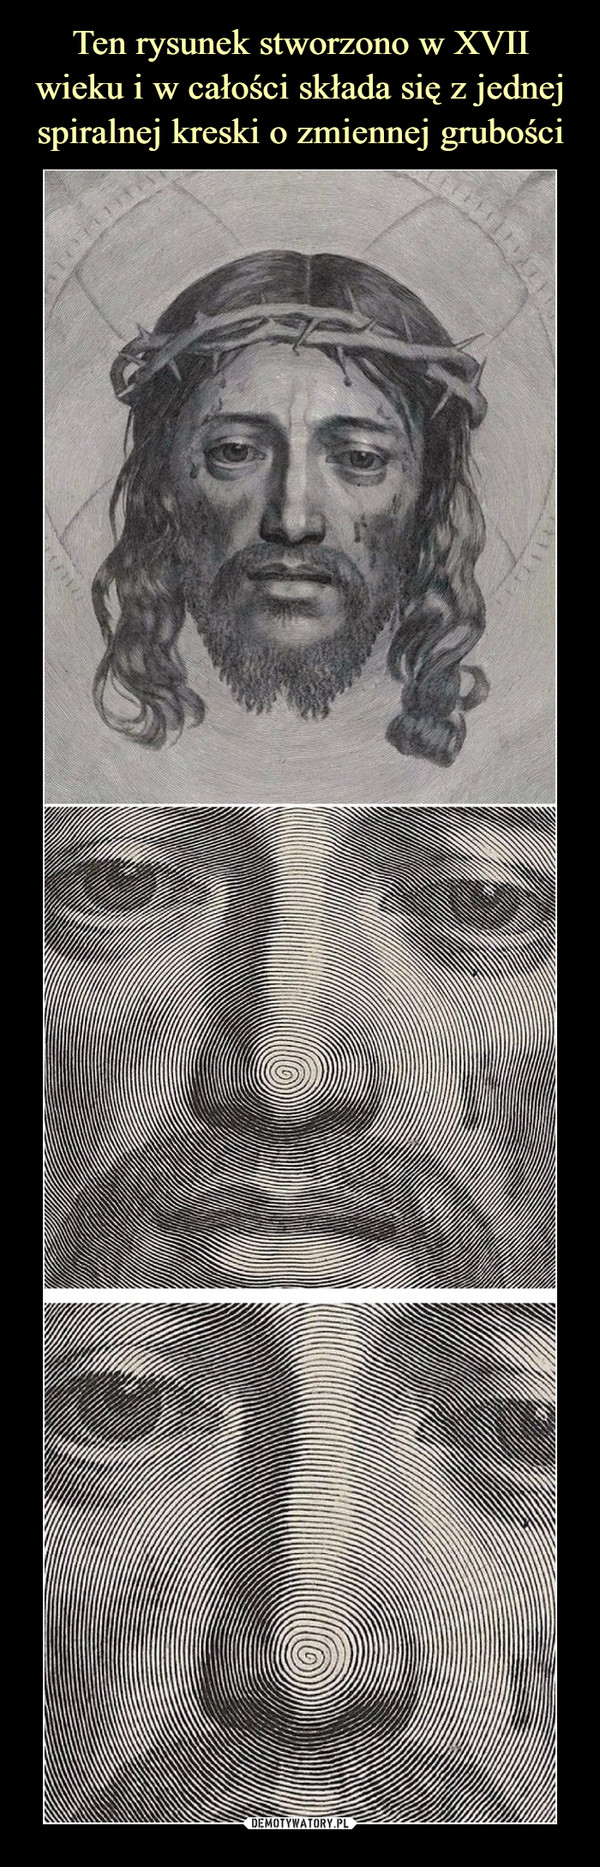 Ten rysunek stworzono w XVII wieku i w całości składa się z jednej spiralnej kreski o zmiennej grubości